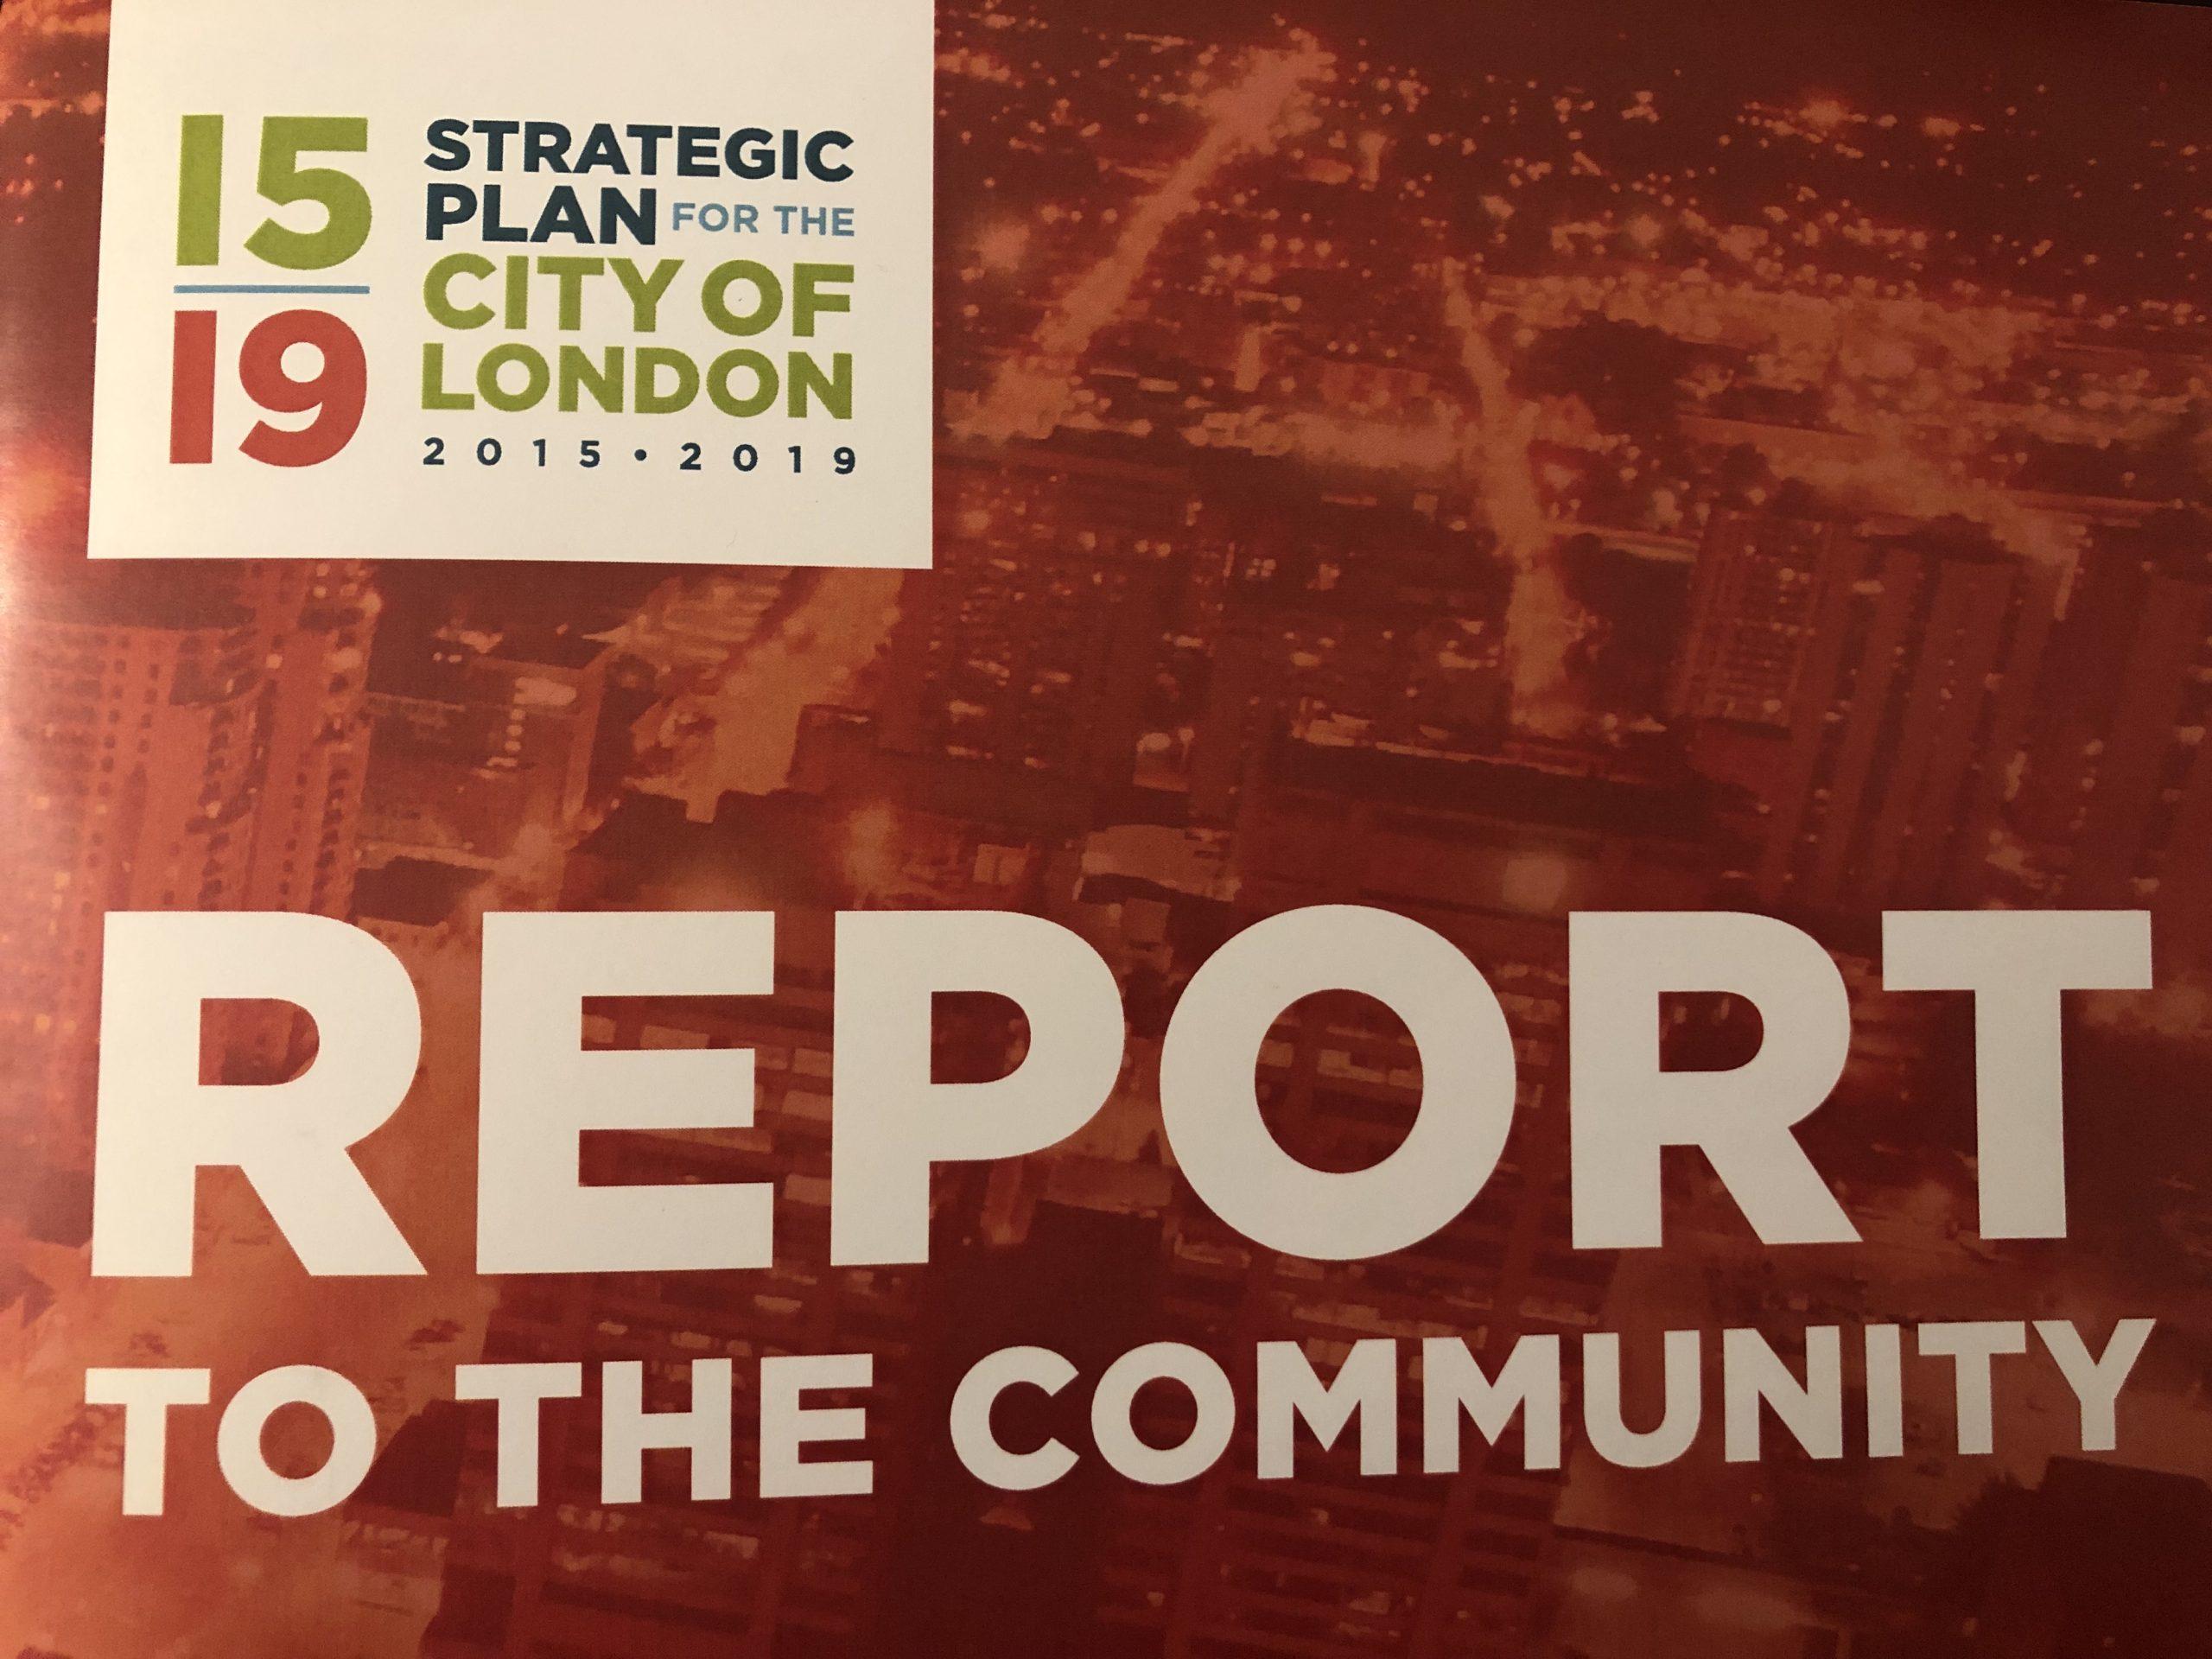 City council celebrates strategic plan's success